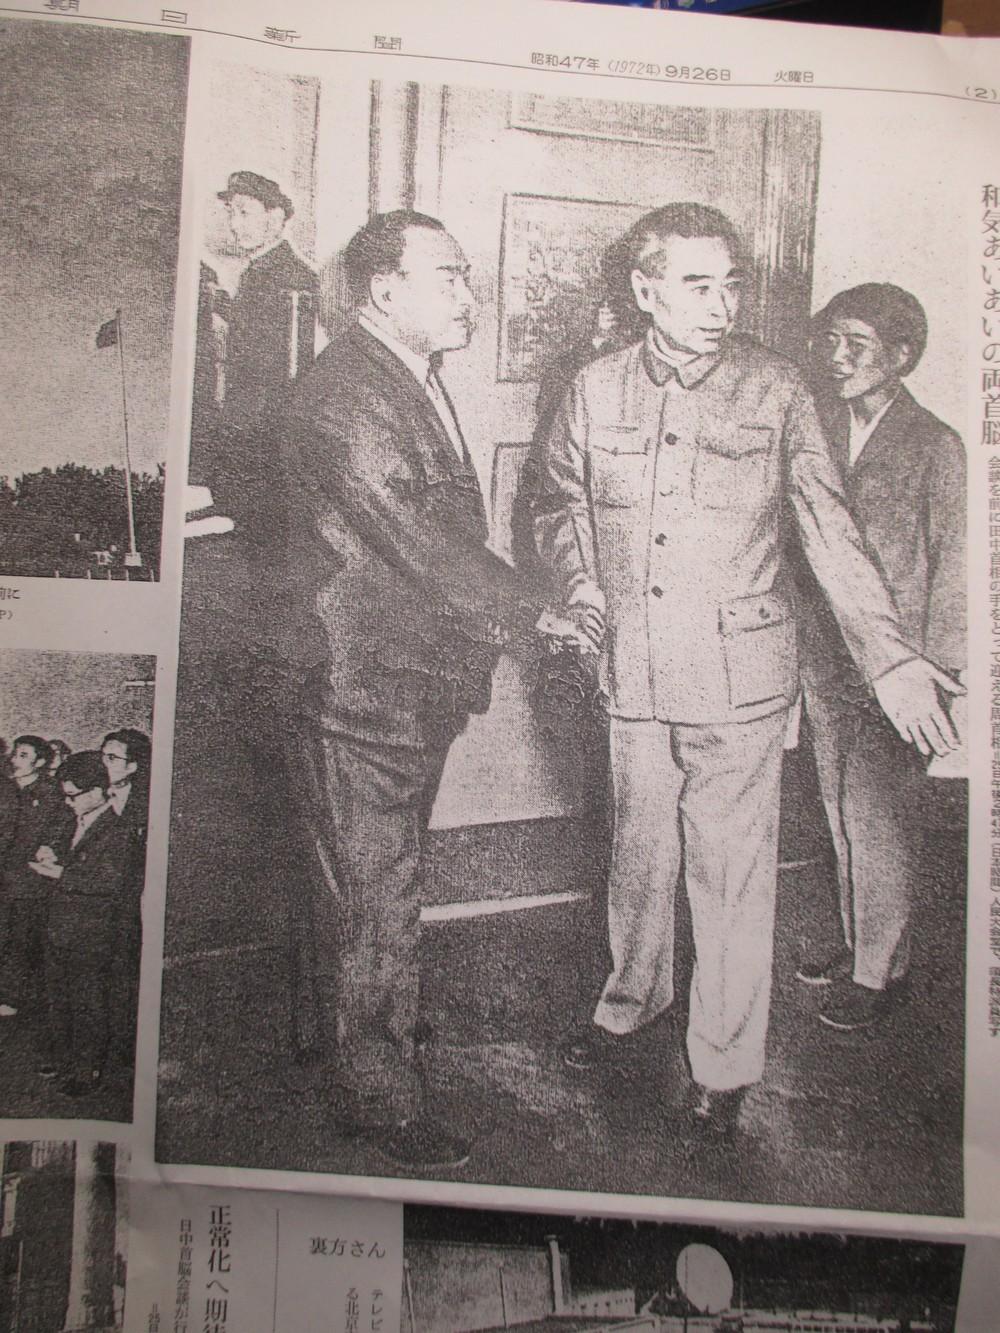 日中国交正常化交渉の会談を前に、田中角栄首相の手を取って迎える周恩来首相。田中首相の迷惑発言は会談後の晩餐会でのことだった。(1972年9月26日付の朝日新聞朝刊より)